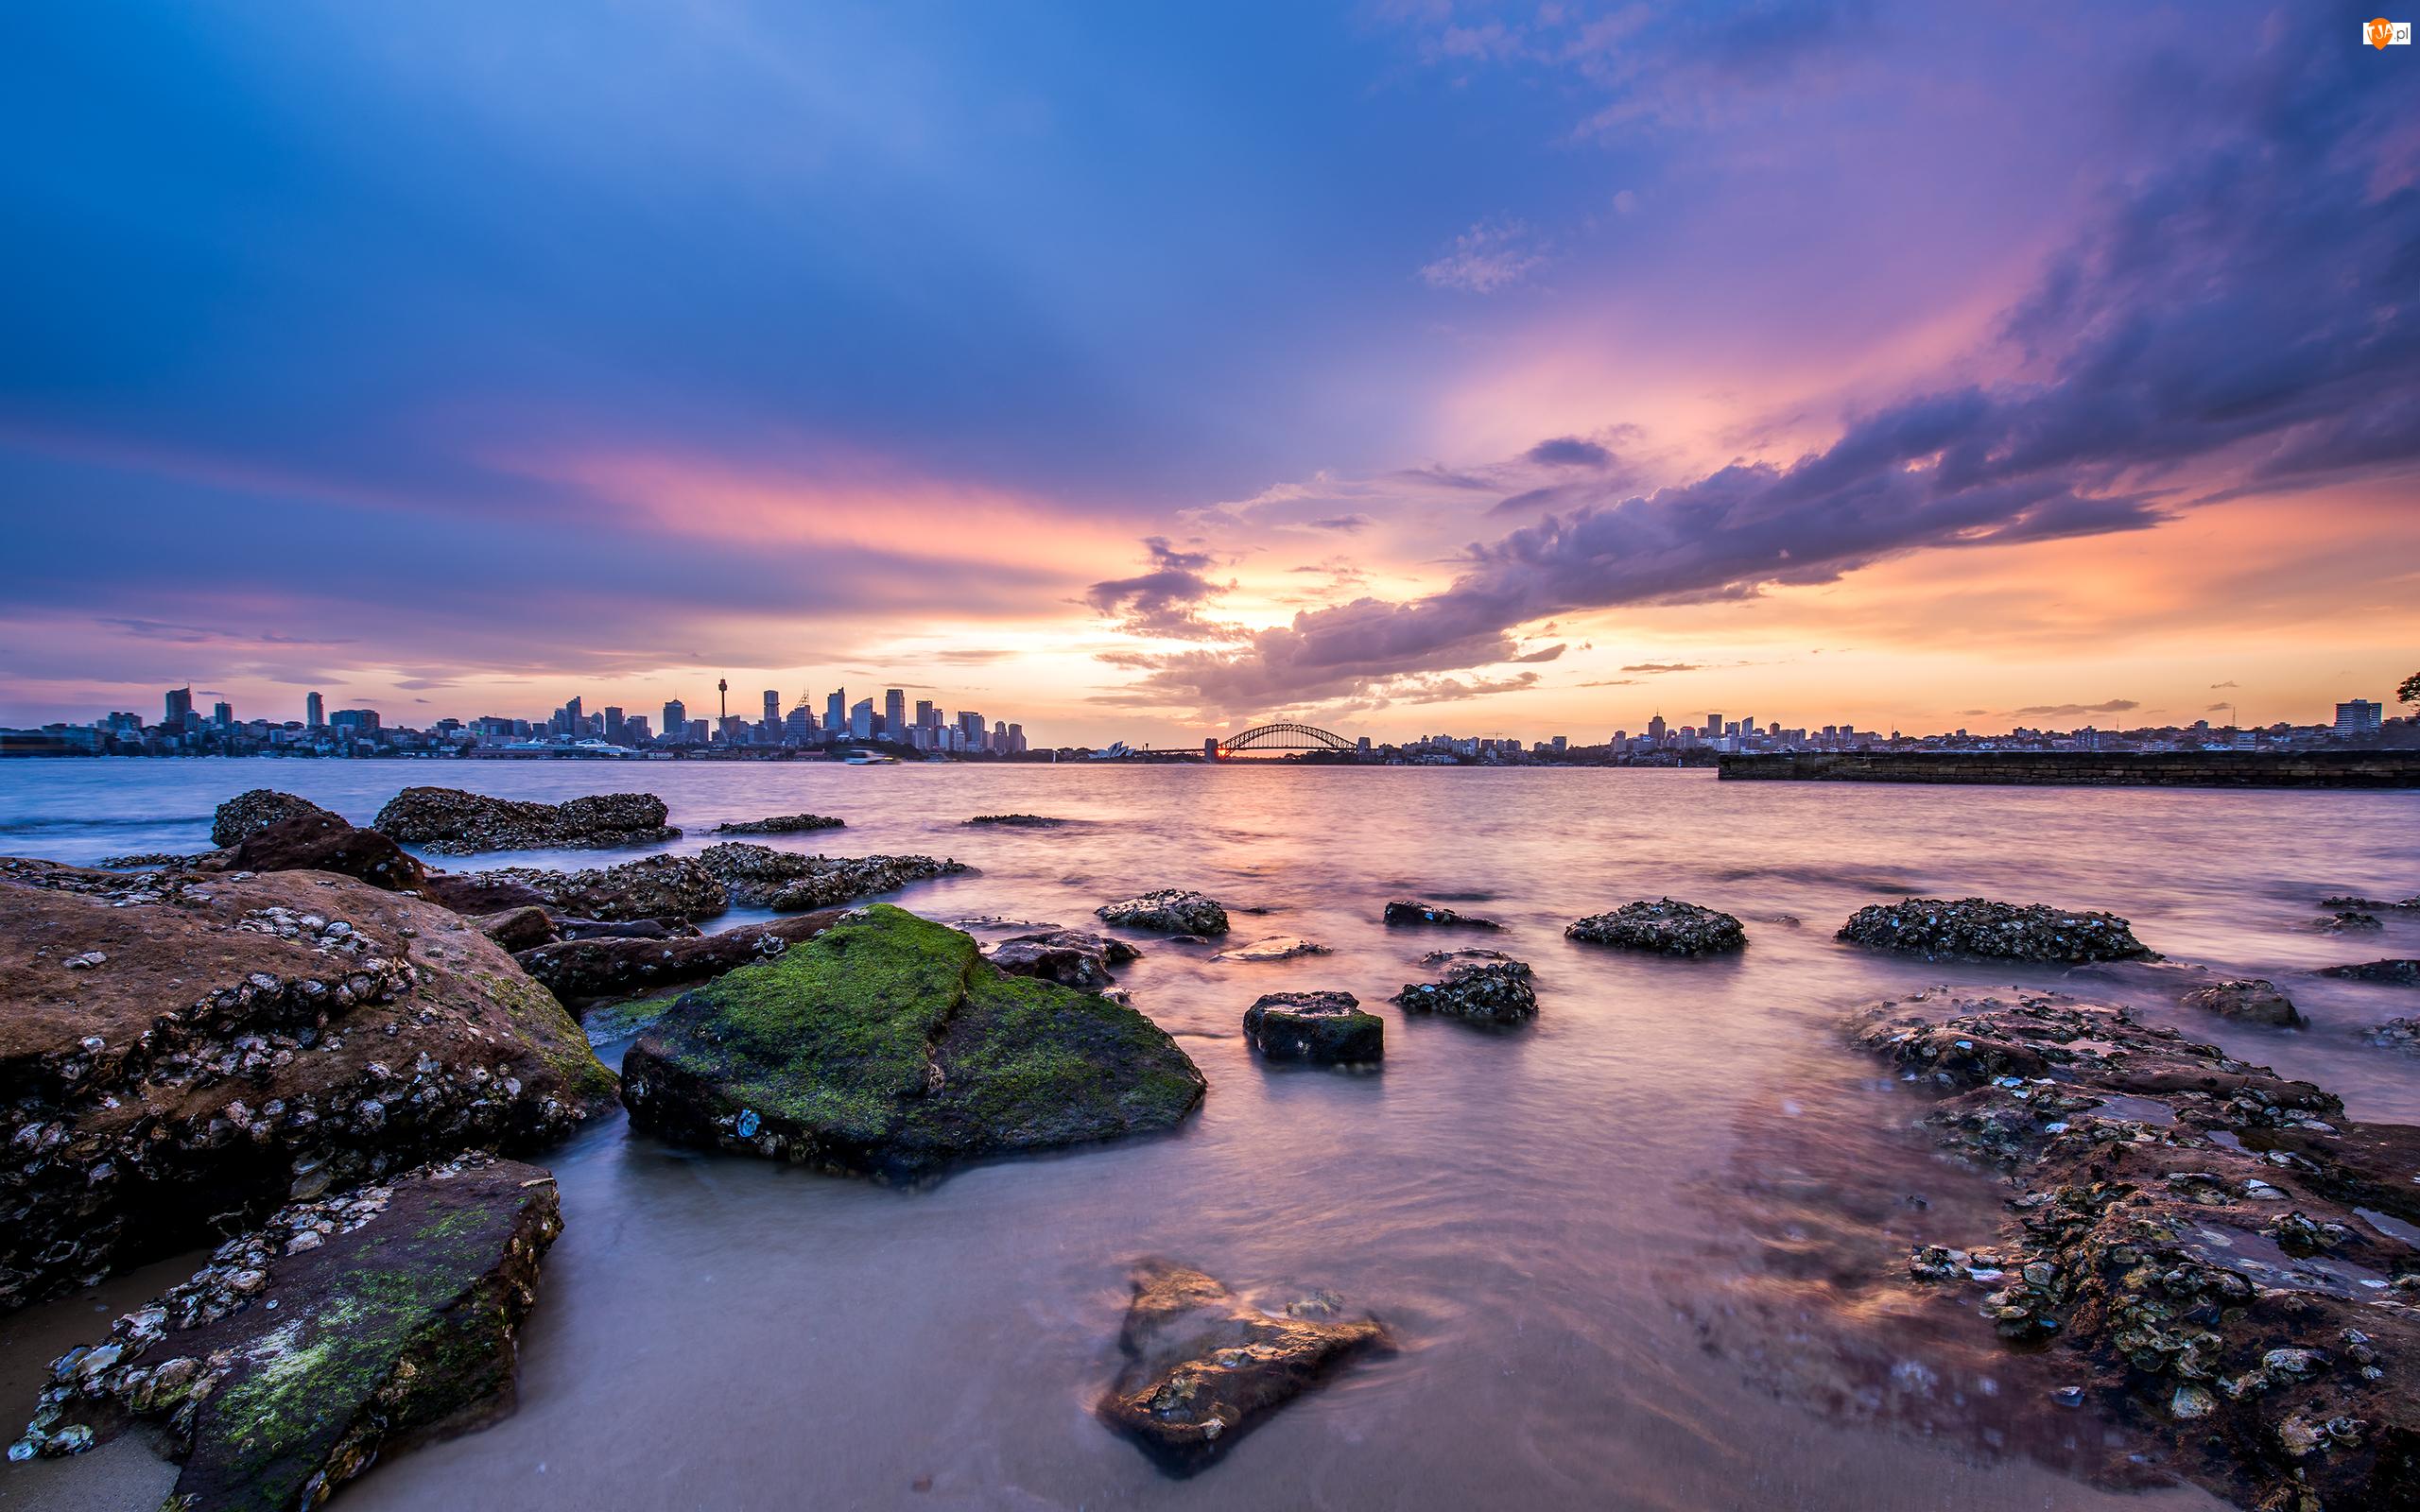 Chmury, Wieżowce, Most, Kamienie, Sydney, Australia, Zatoka Port Jackson, Zatoka Sydney Harbour, Morze, Wschód słońca